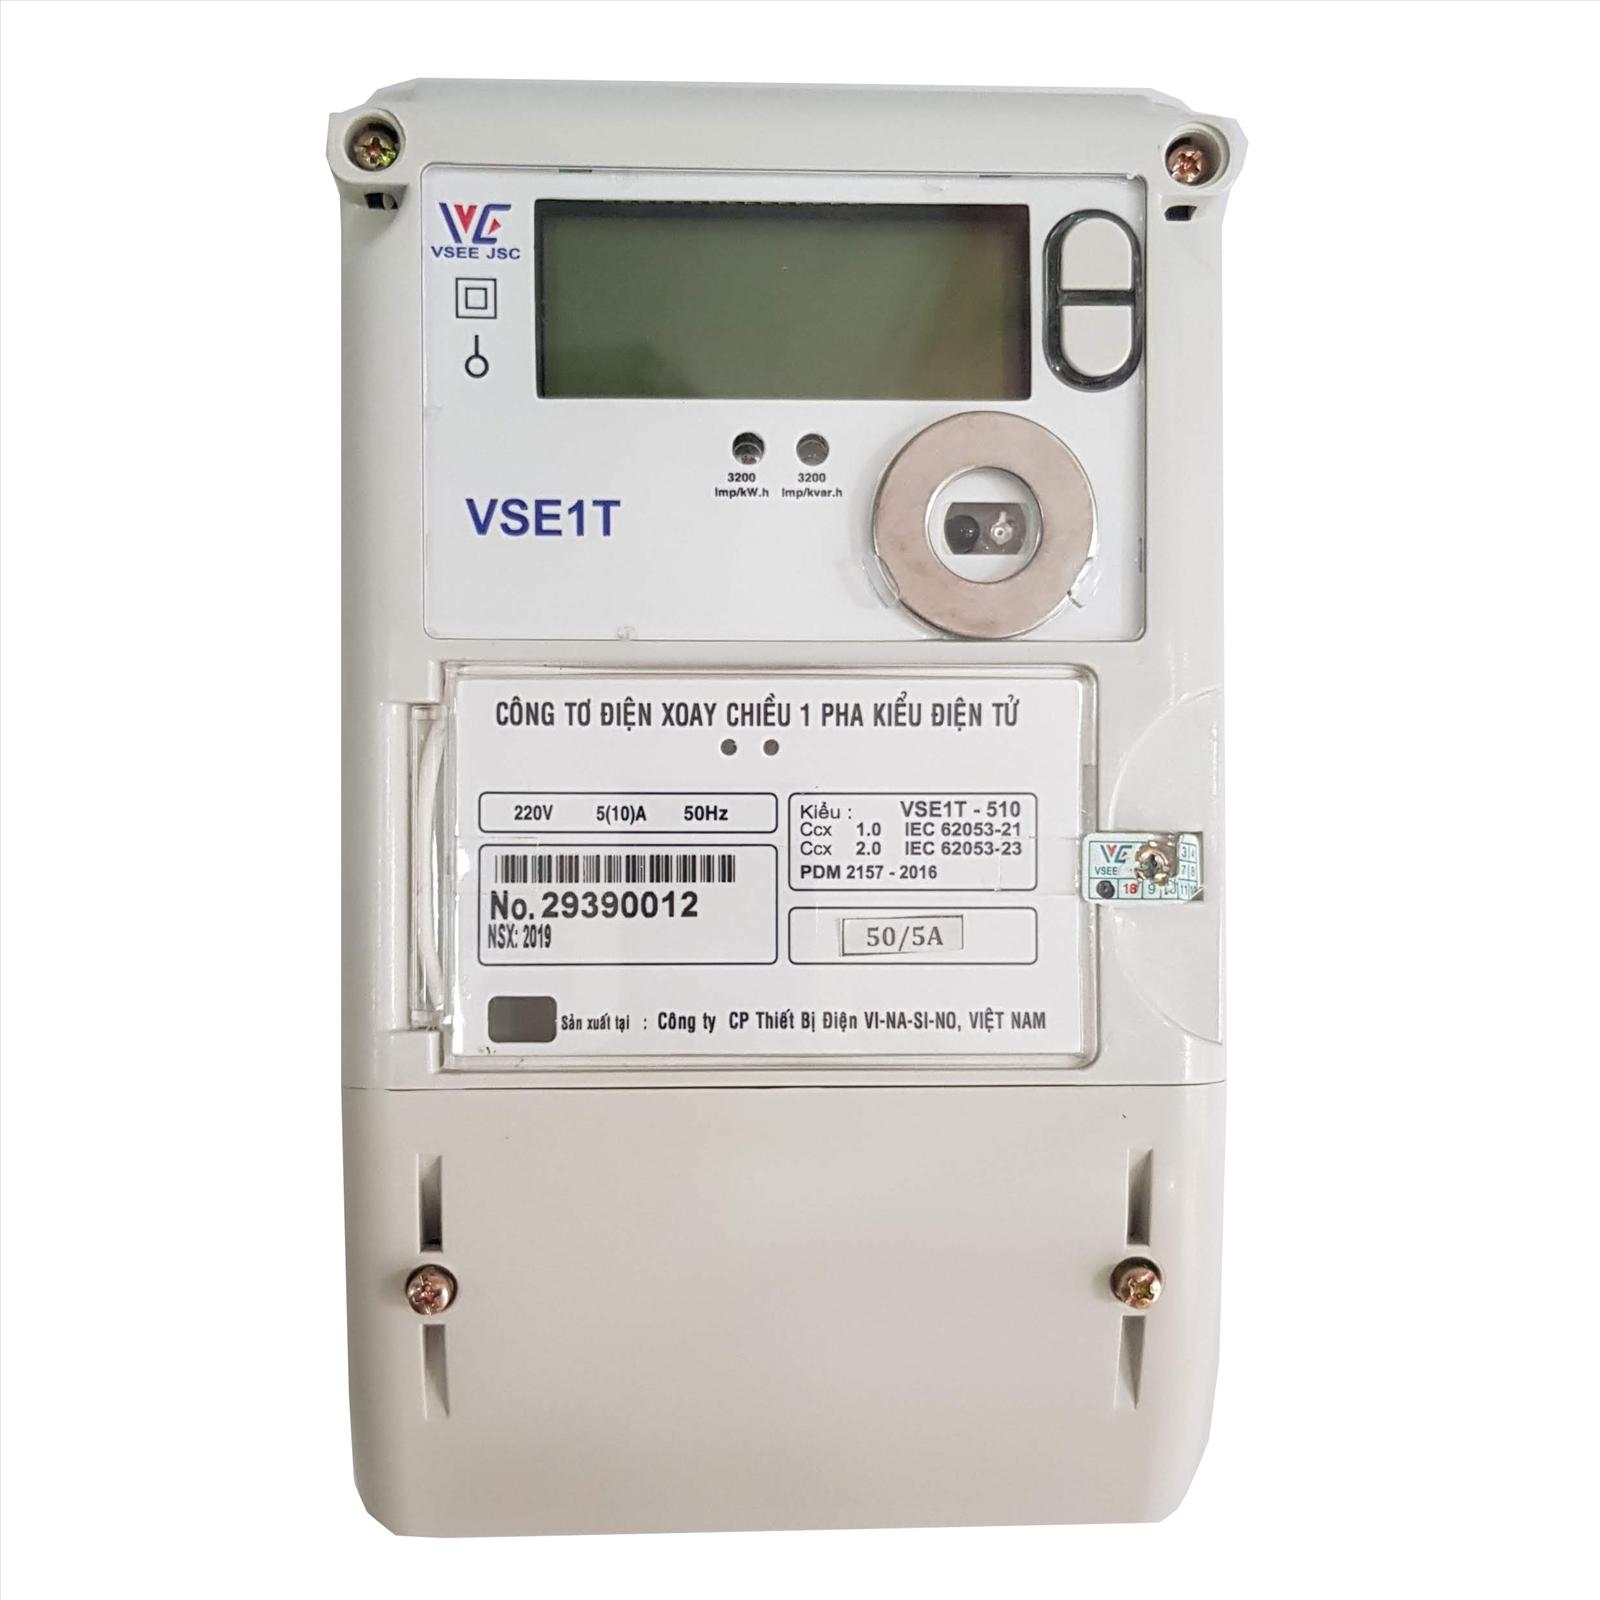 Công tơ điện tử 1 pha 3 giá VSE1T-510 - Công tơ điện tử Vinasino